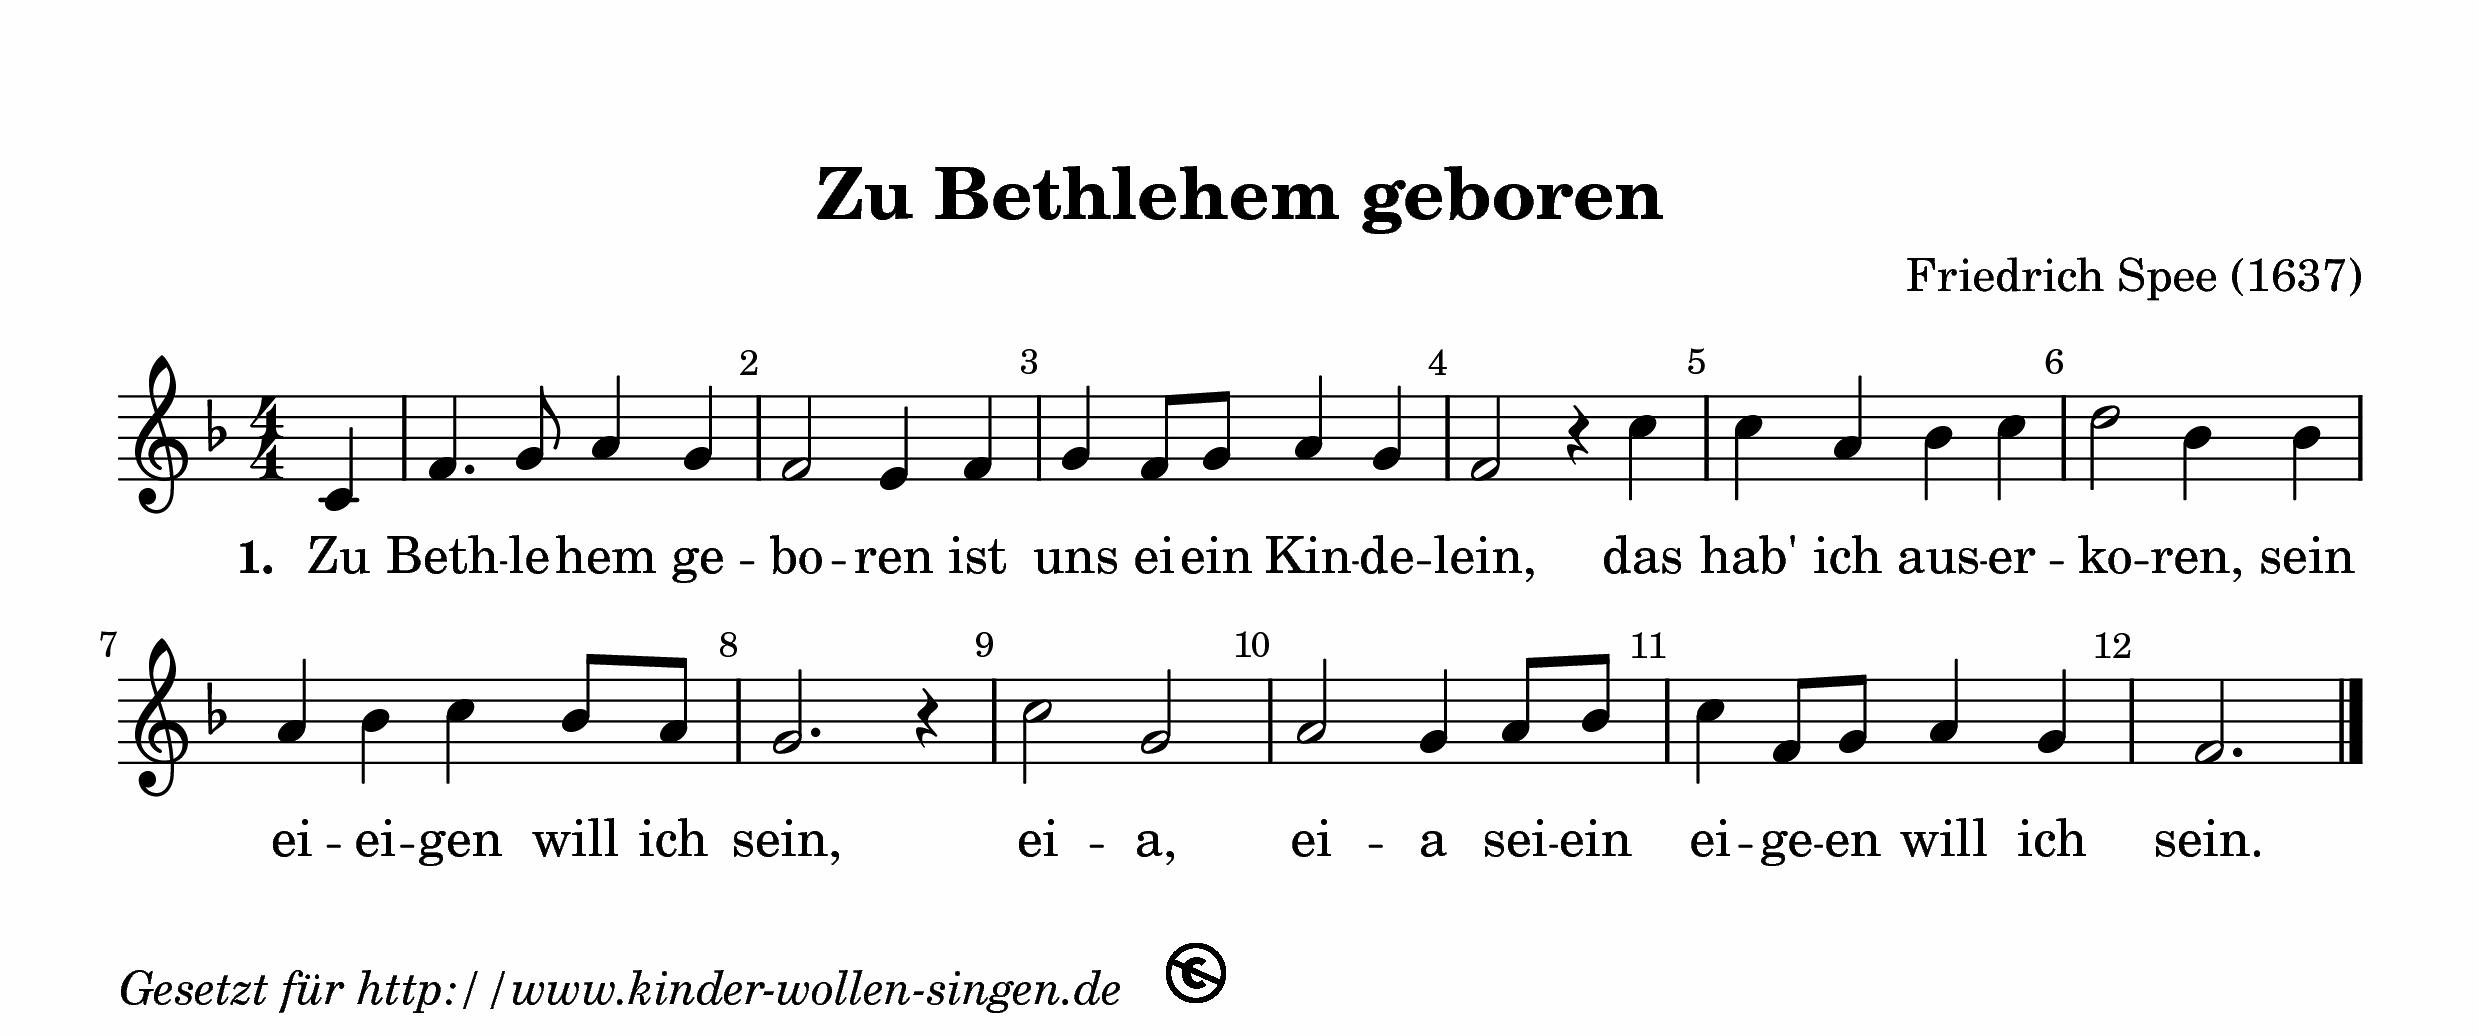 Weihnachtslieder Noten Und Texte Kostenlos.Zu Bethlehem Geboren Kostenlose Weihnachtslieder